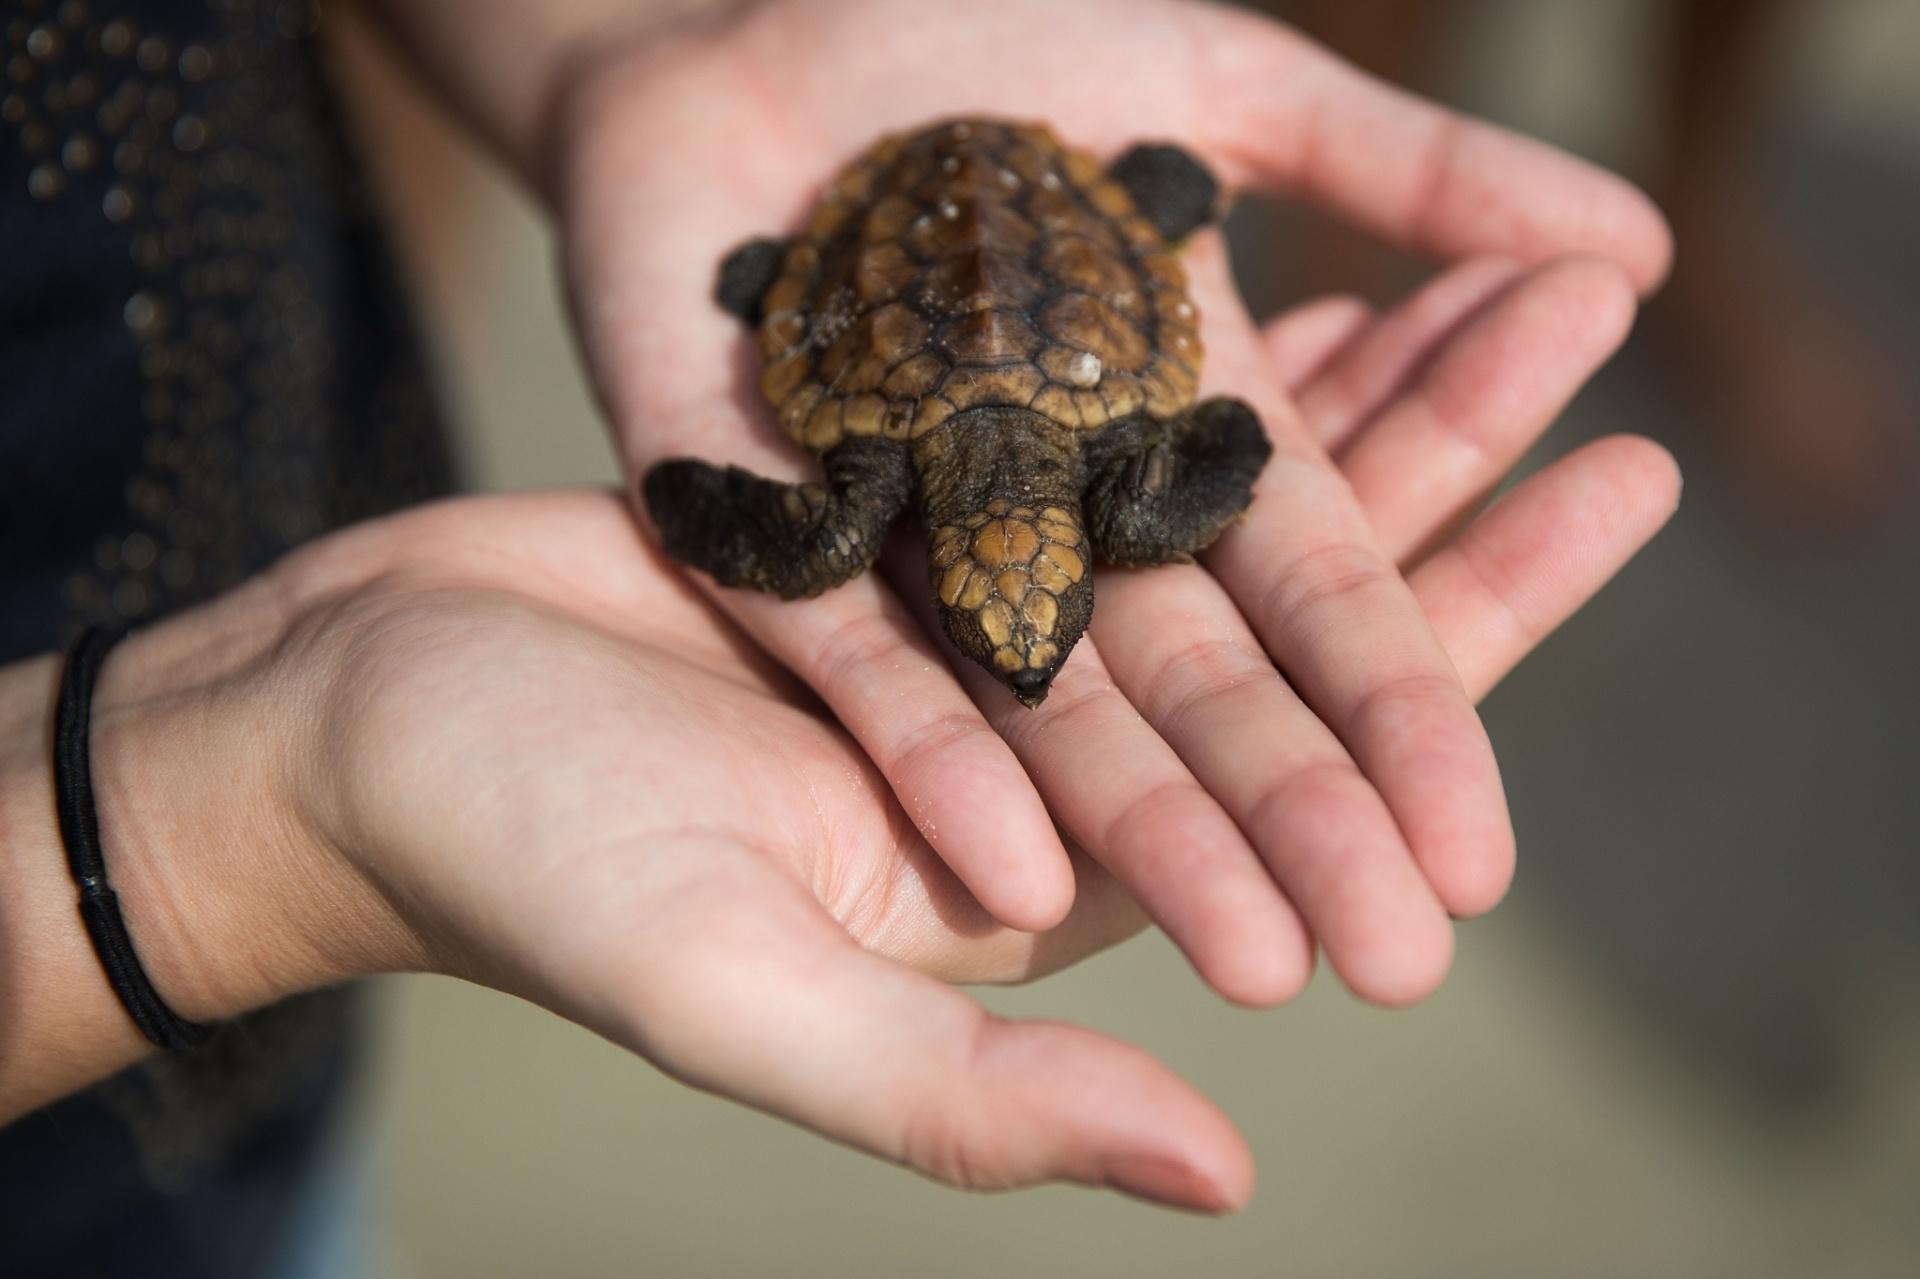 6.out.2016 - Veterinária segura tartaruga ferida que foi resgatada em Daytona Beach, na Florida (EUA). Enquanto o furacão Matthew se aproxima, ambientalistas monitoram como a previsão de ventos de até 250 km/h vai afetar os ovos de tartarugas enterrados na areia e criam planos para os impactos que a tempestade pode causar